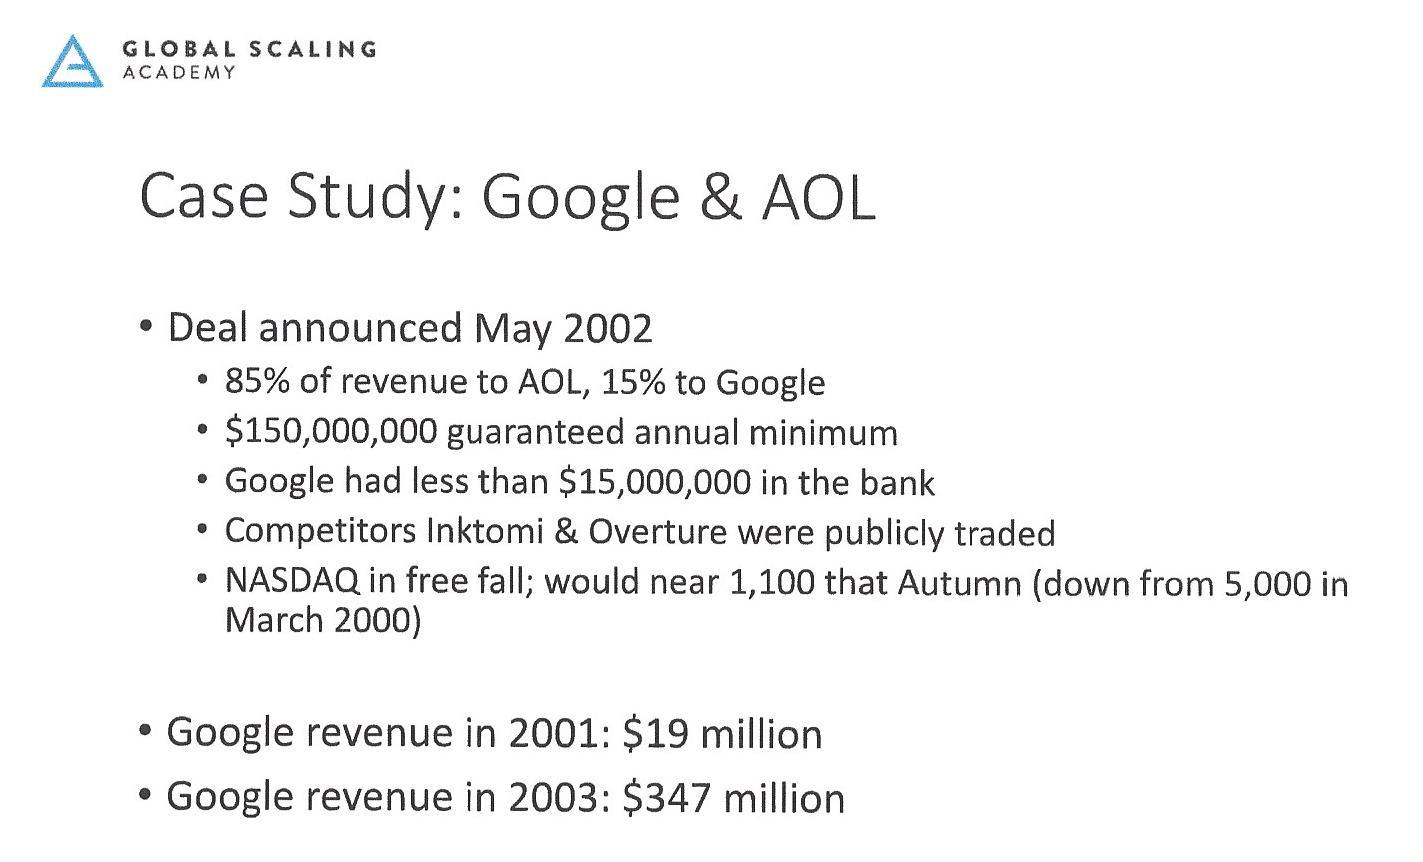 Blitzscaling Case Study Google & AOL